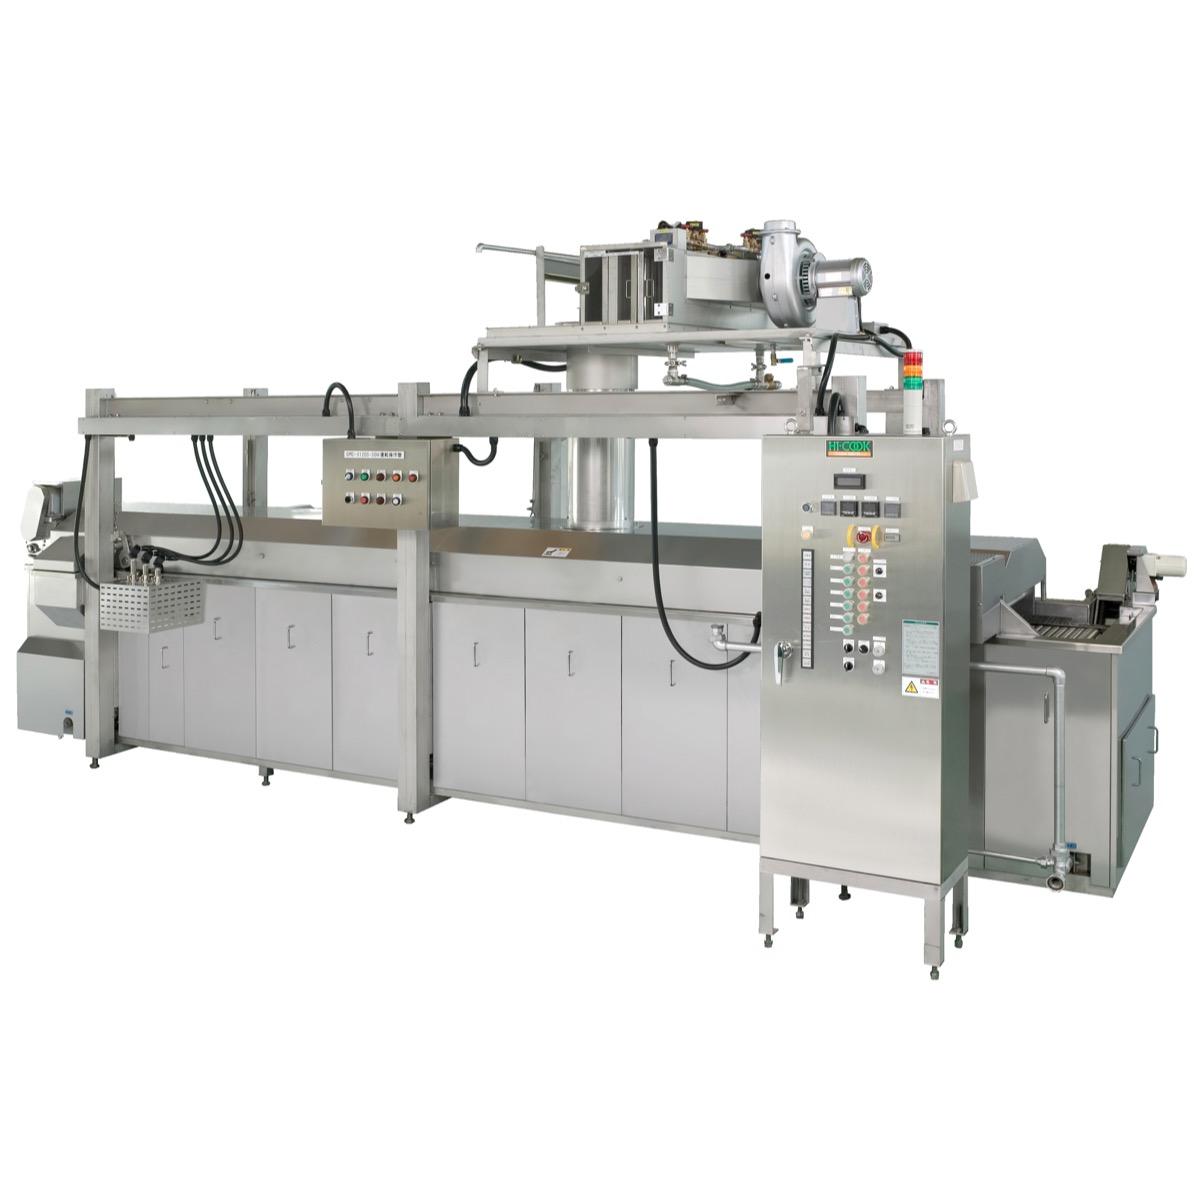 熱交換器式フライヤー(DLNC 型)